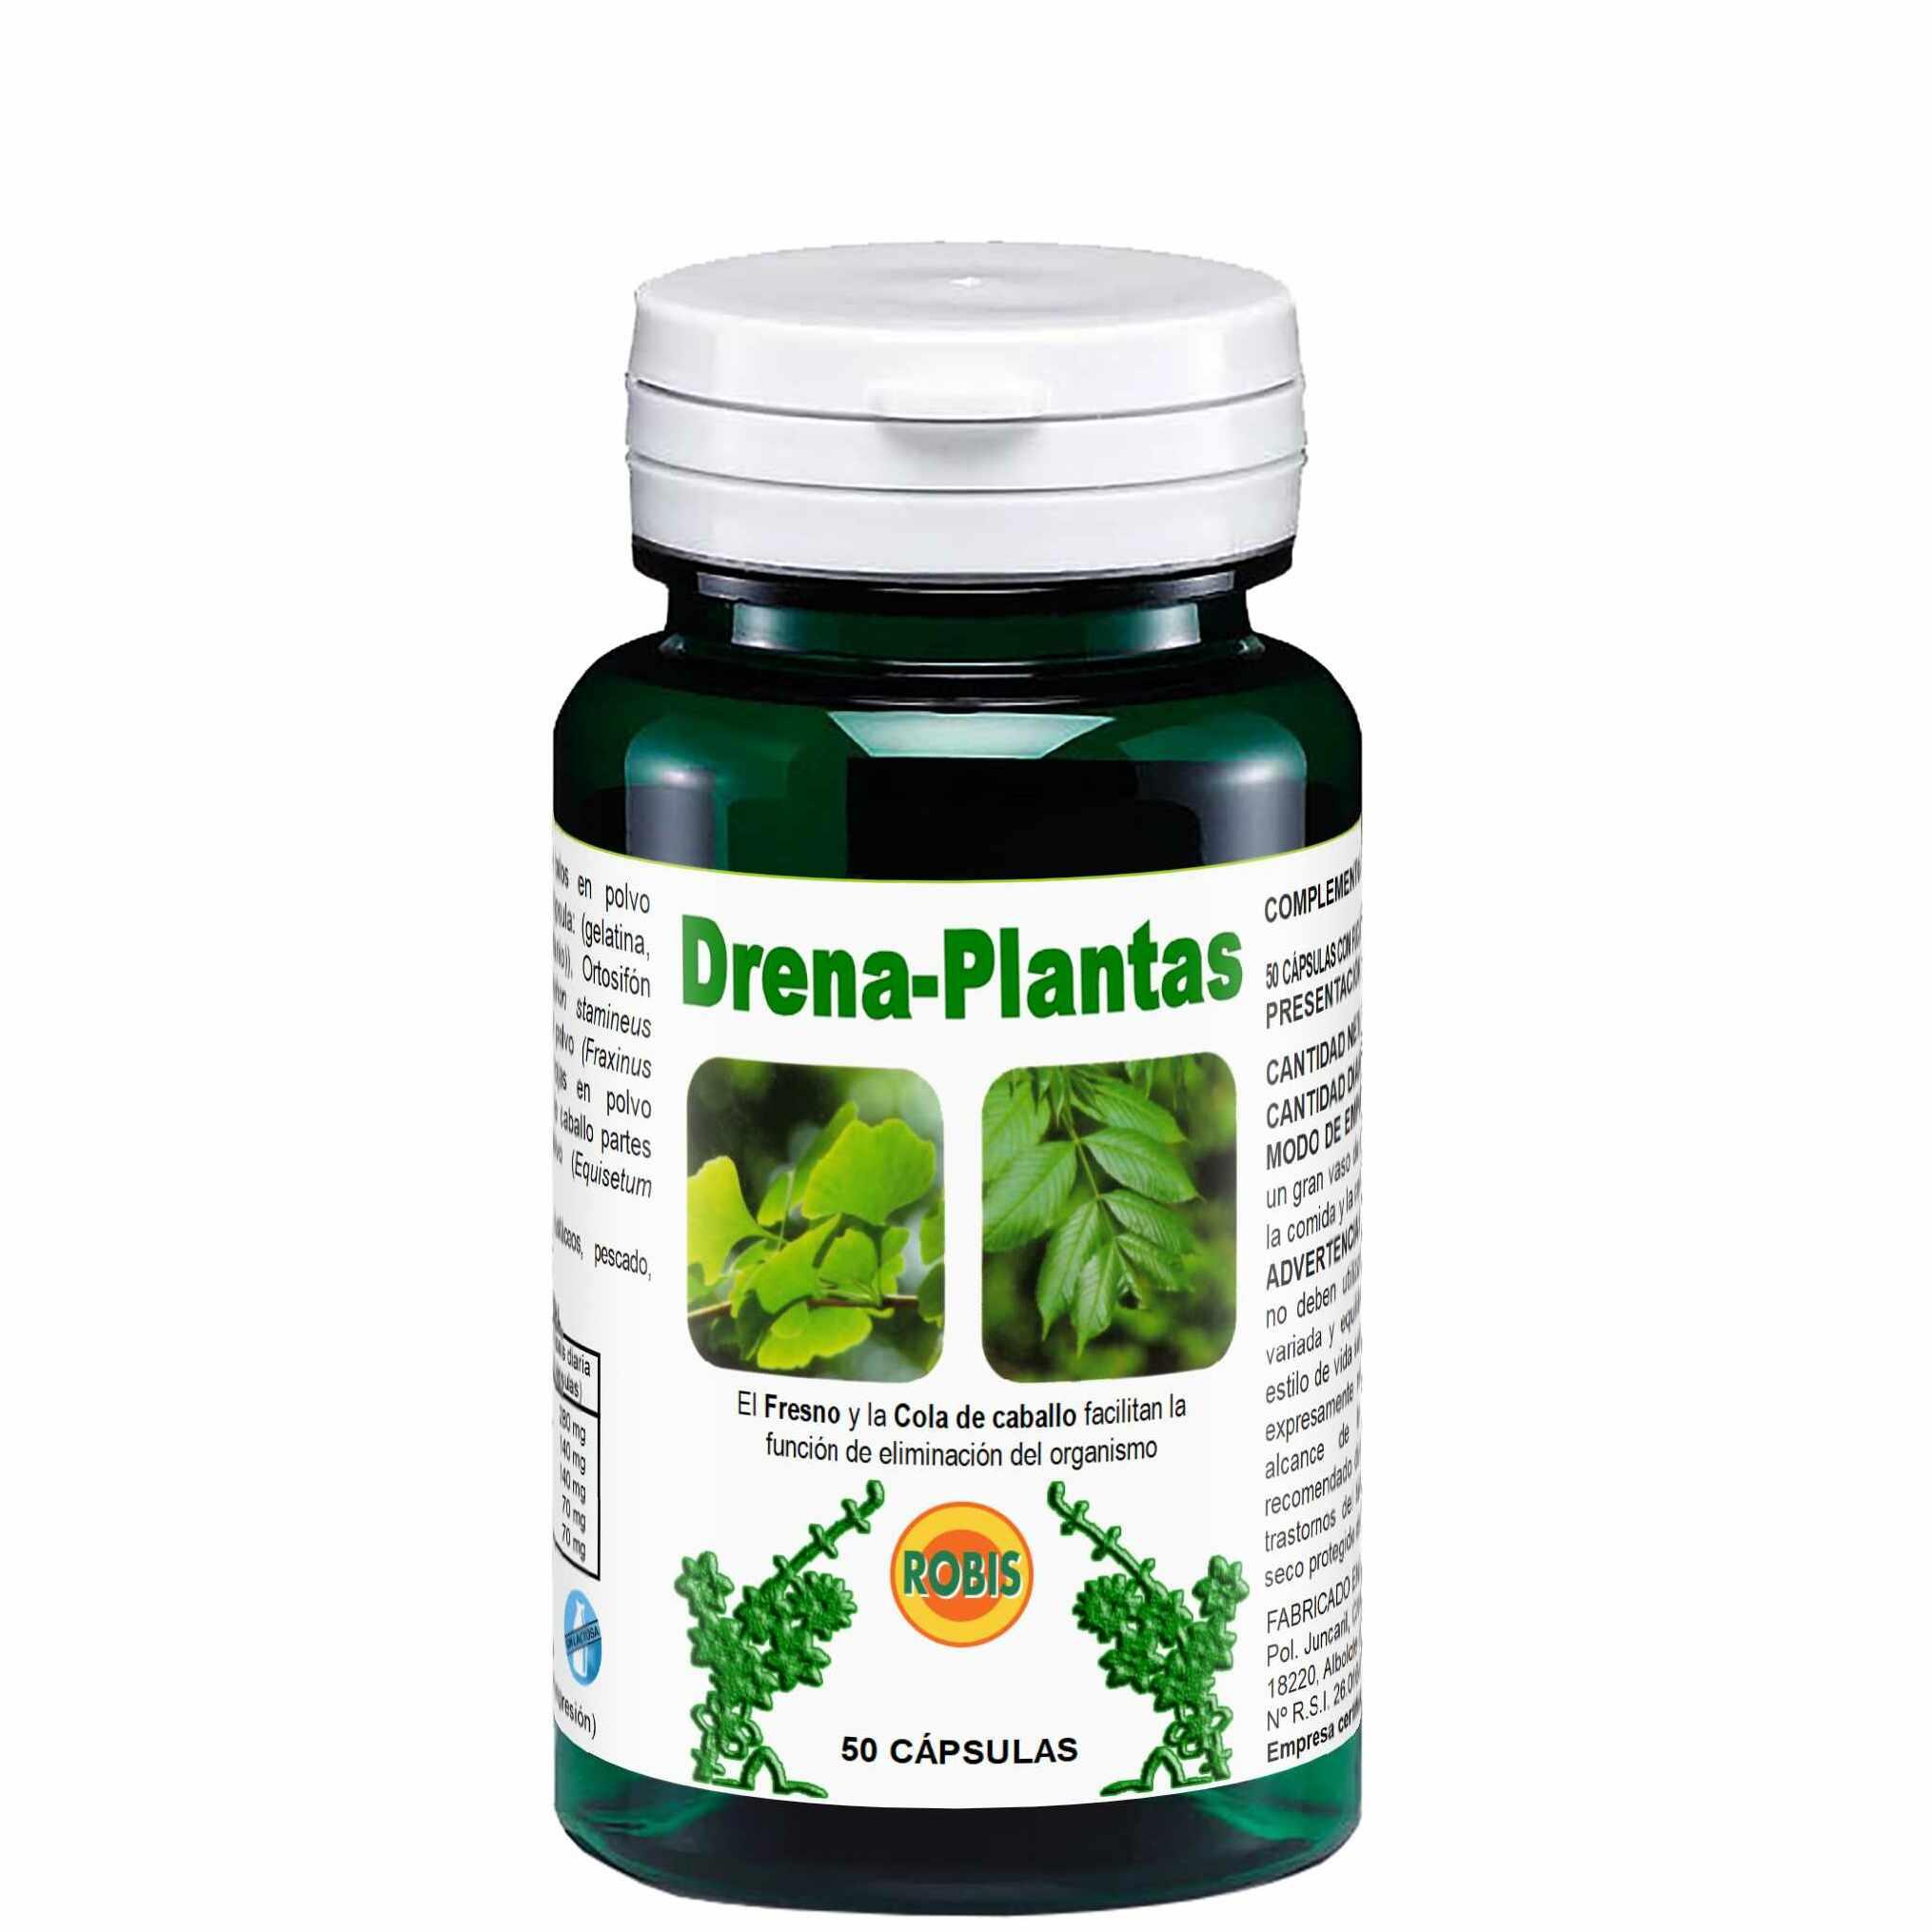 Drains Plantes